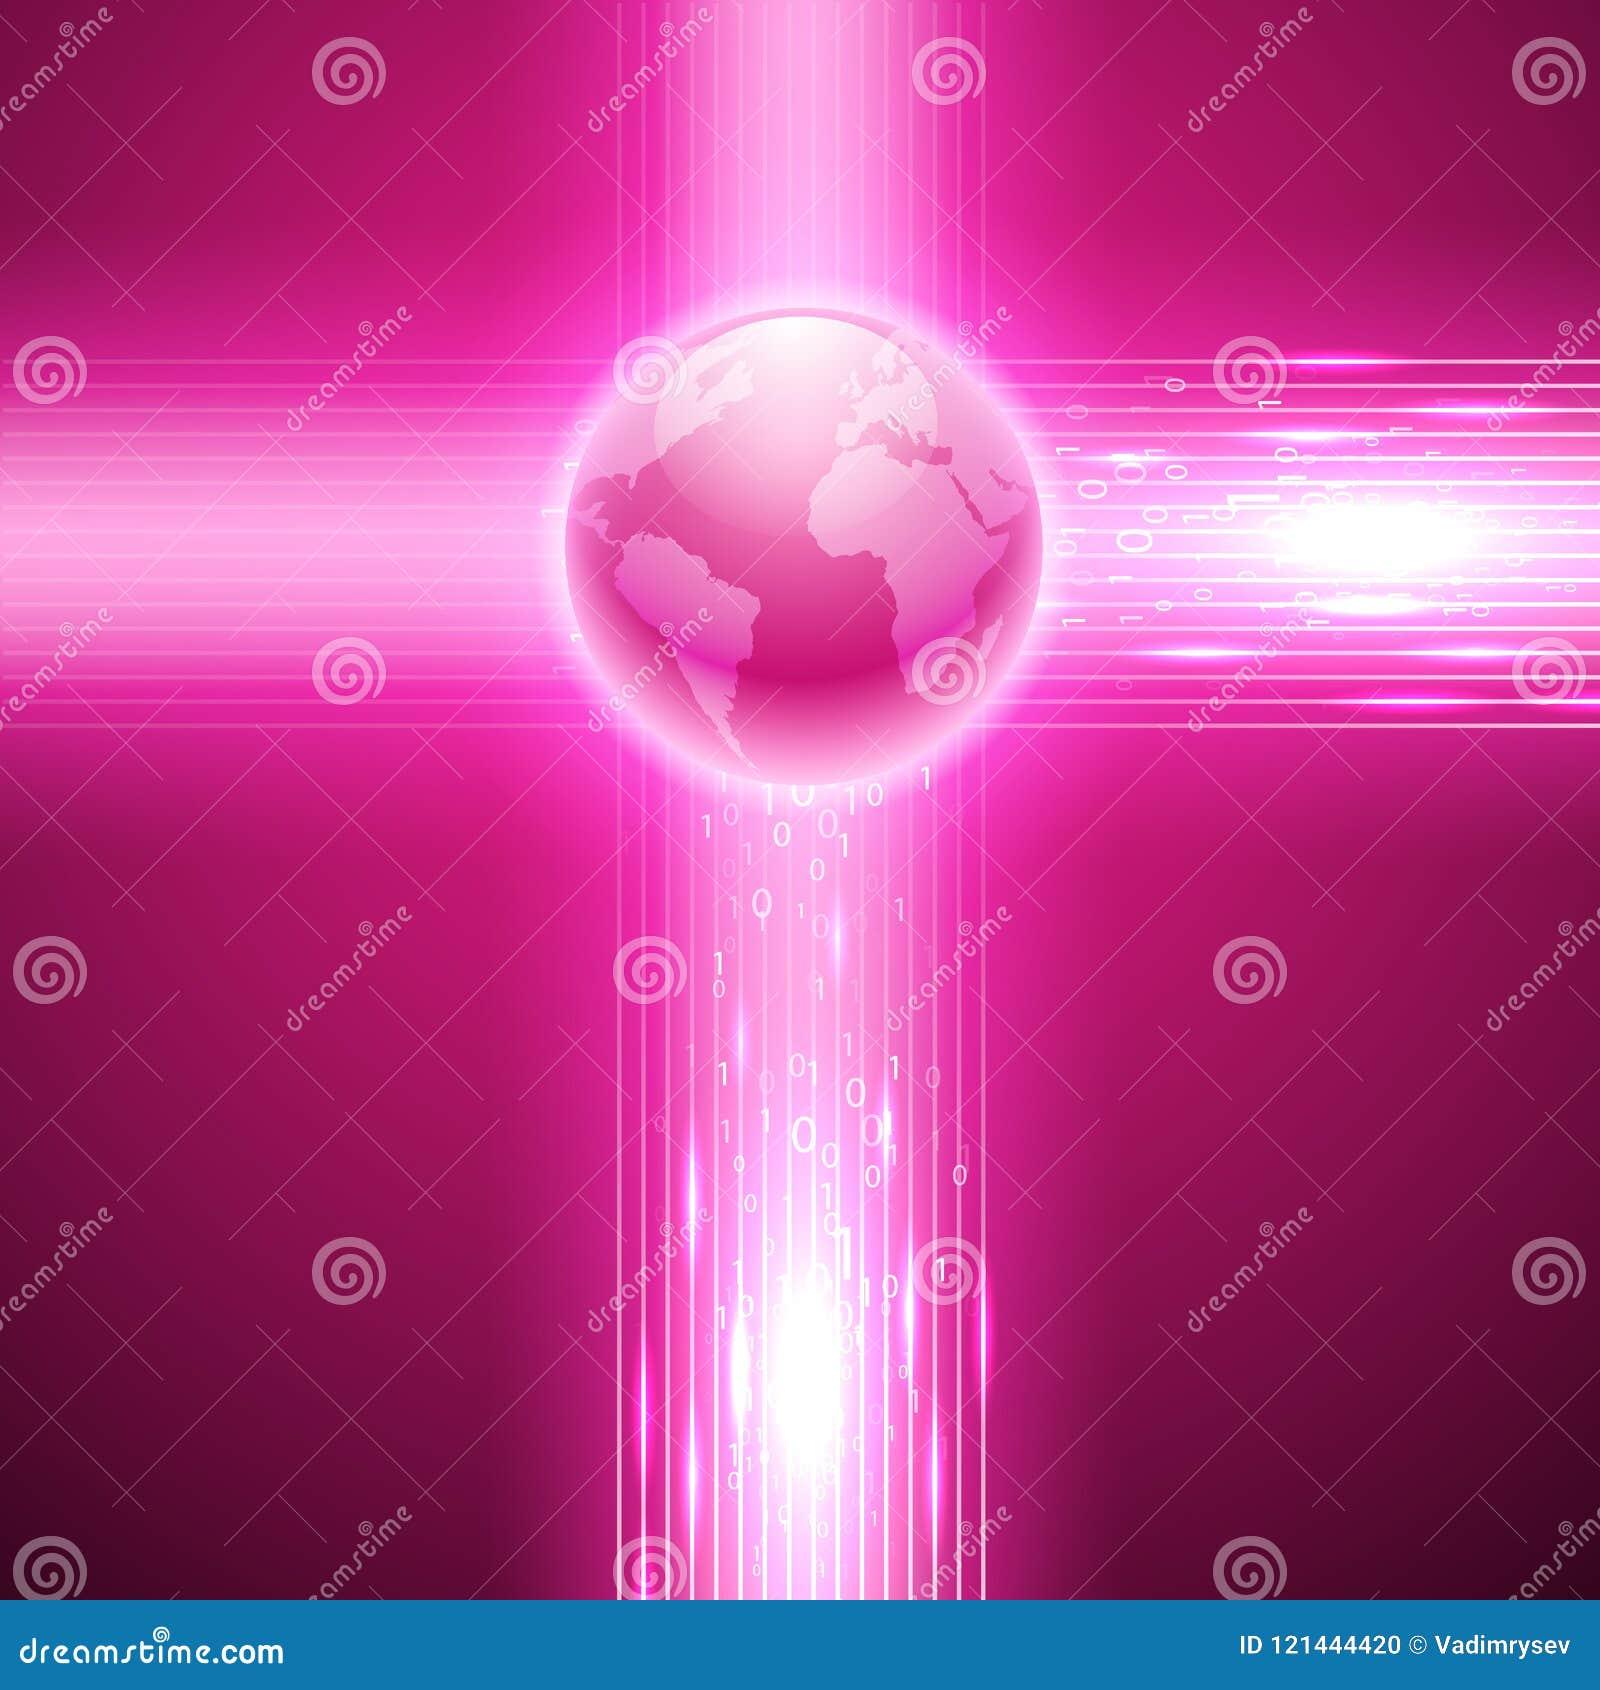 Różowy tło z binarnym kodem kula ziemska